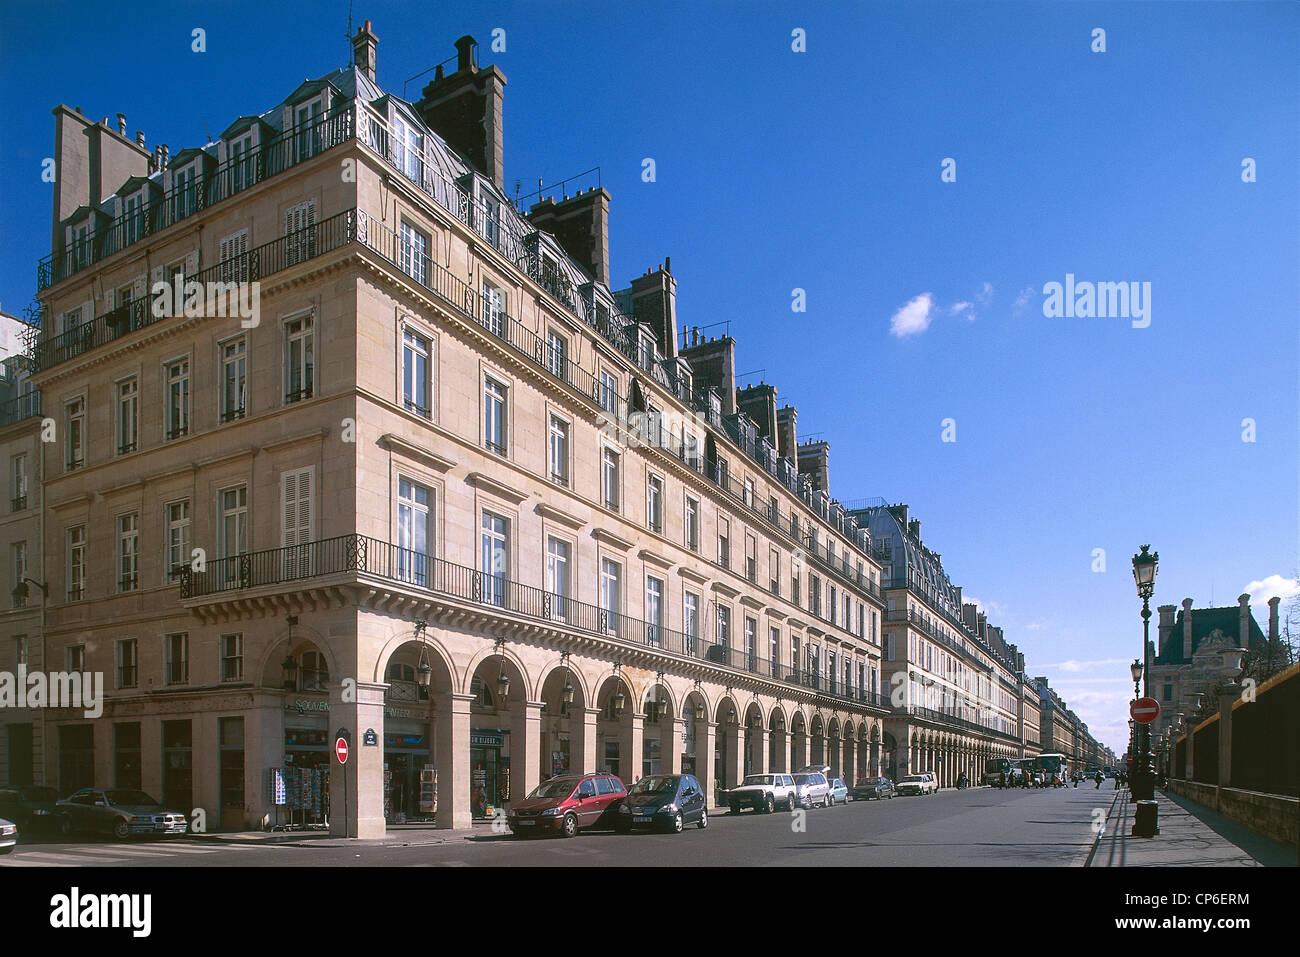 france paris rue de rivoli architects percier c fontaine et p stock photo royalty free. Black Bedroom Furniture Sets. Home Design Ideas